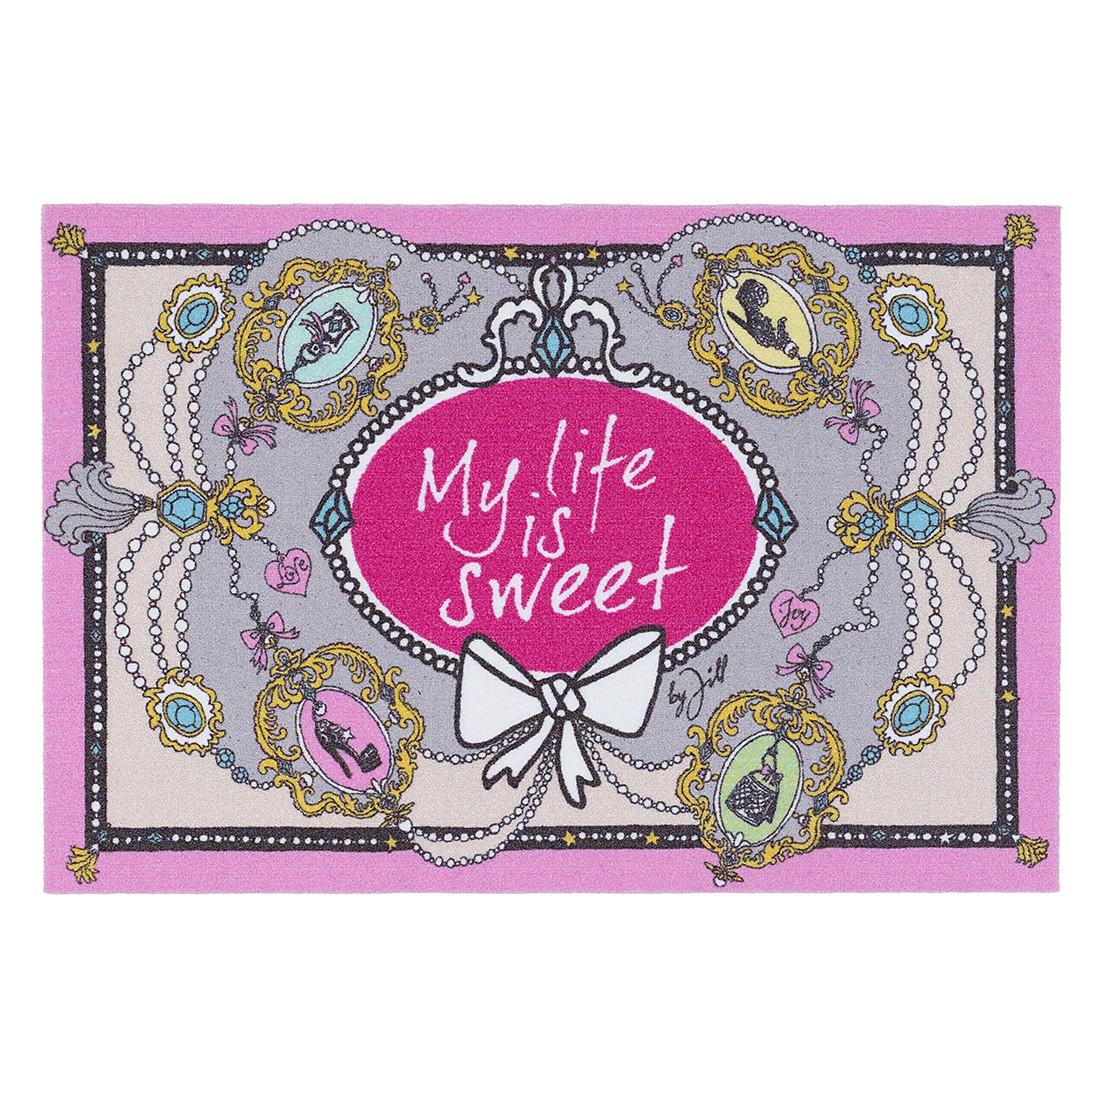 Fußmatte My Life is sweet – Kiesel, Jill – My life is sweet bestellen